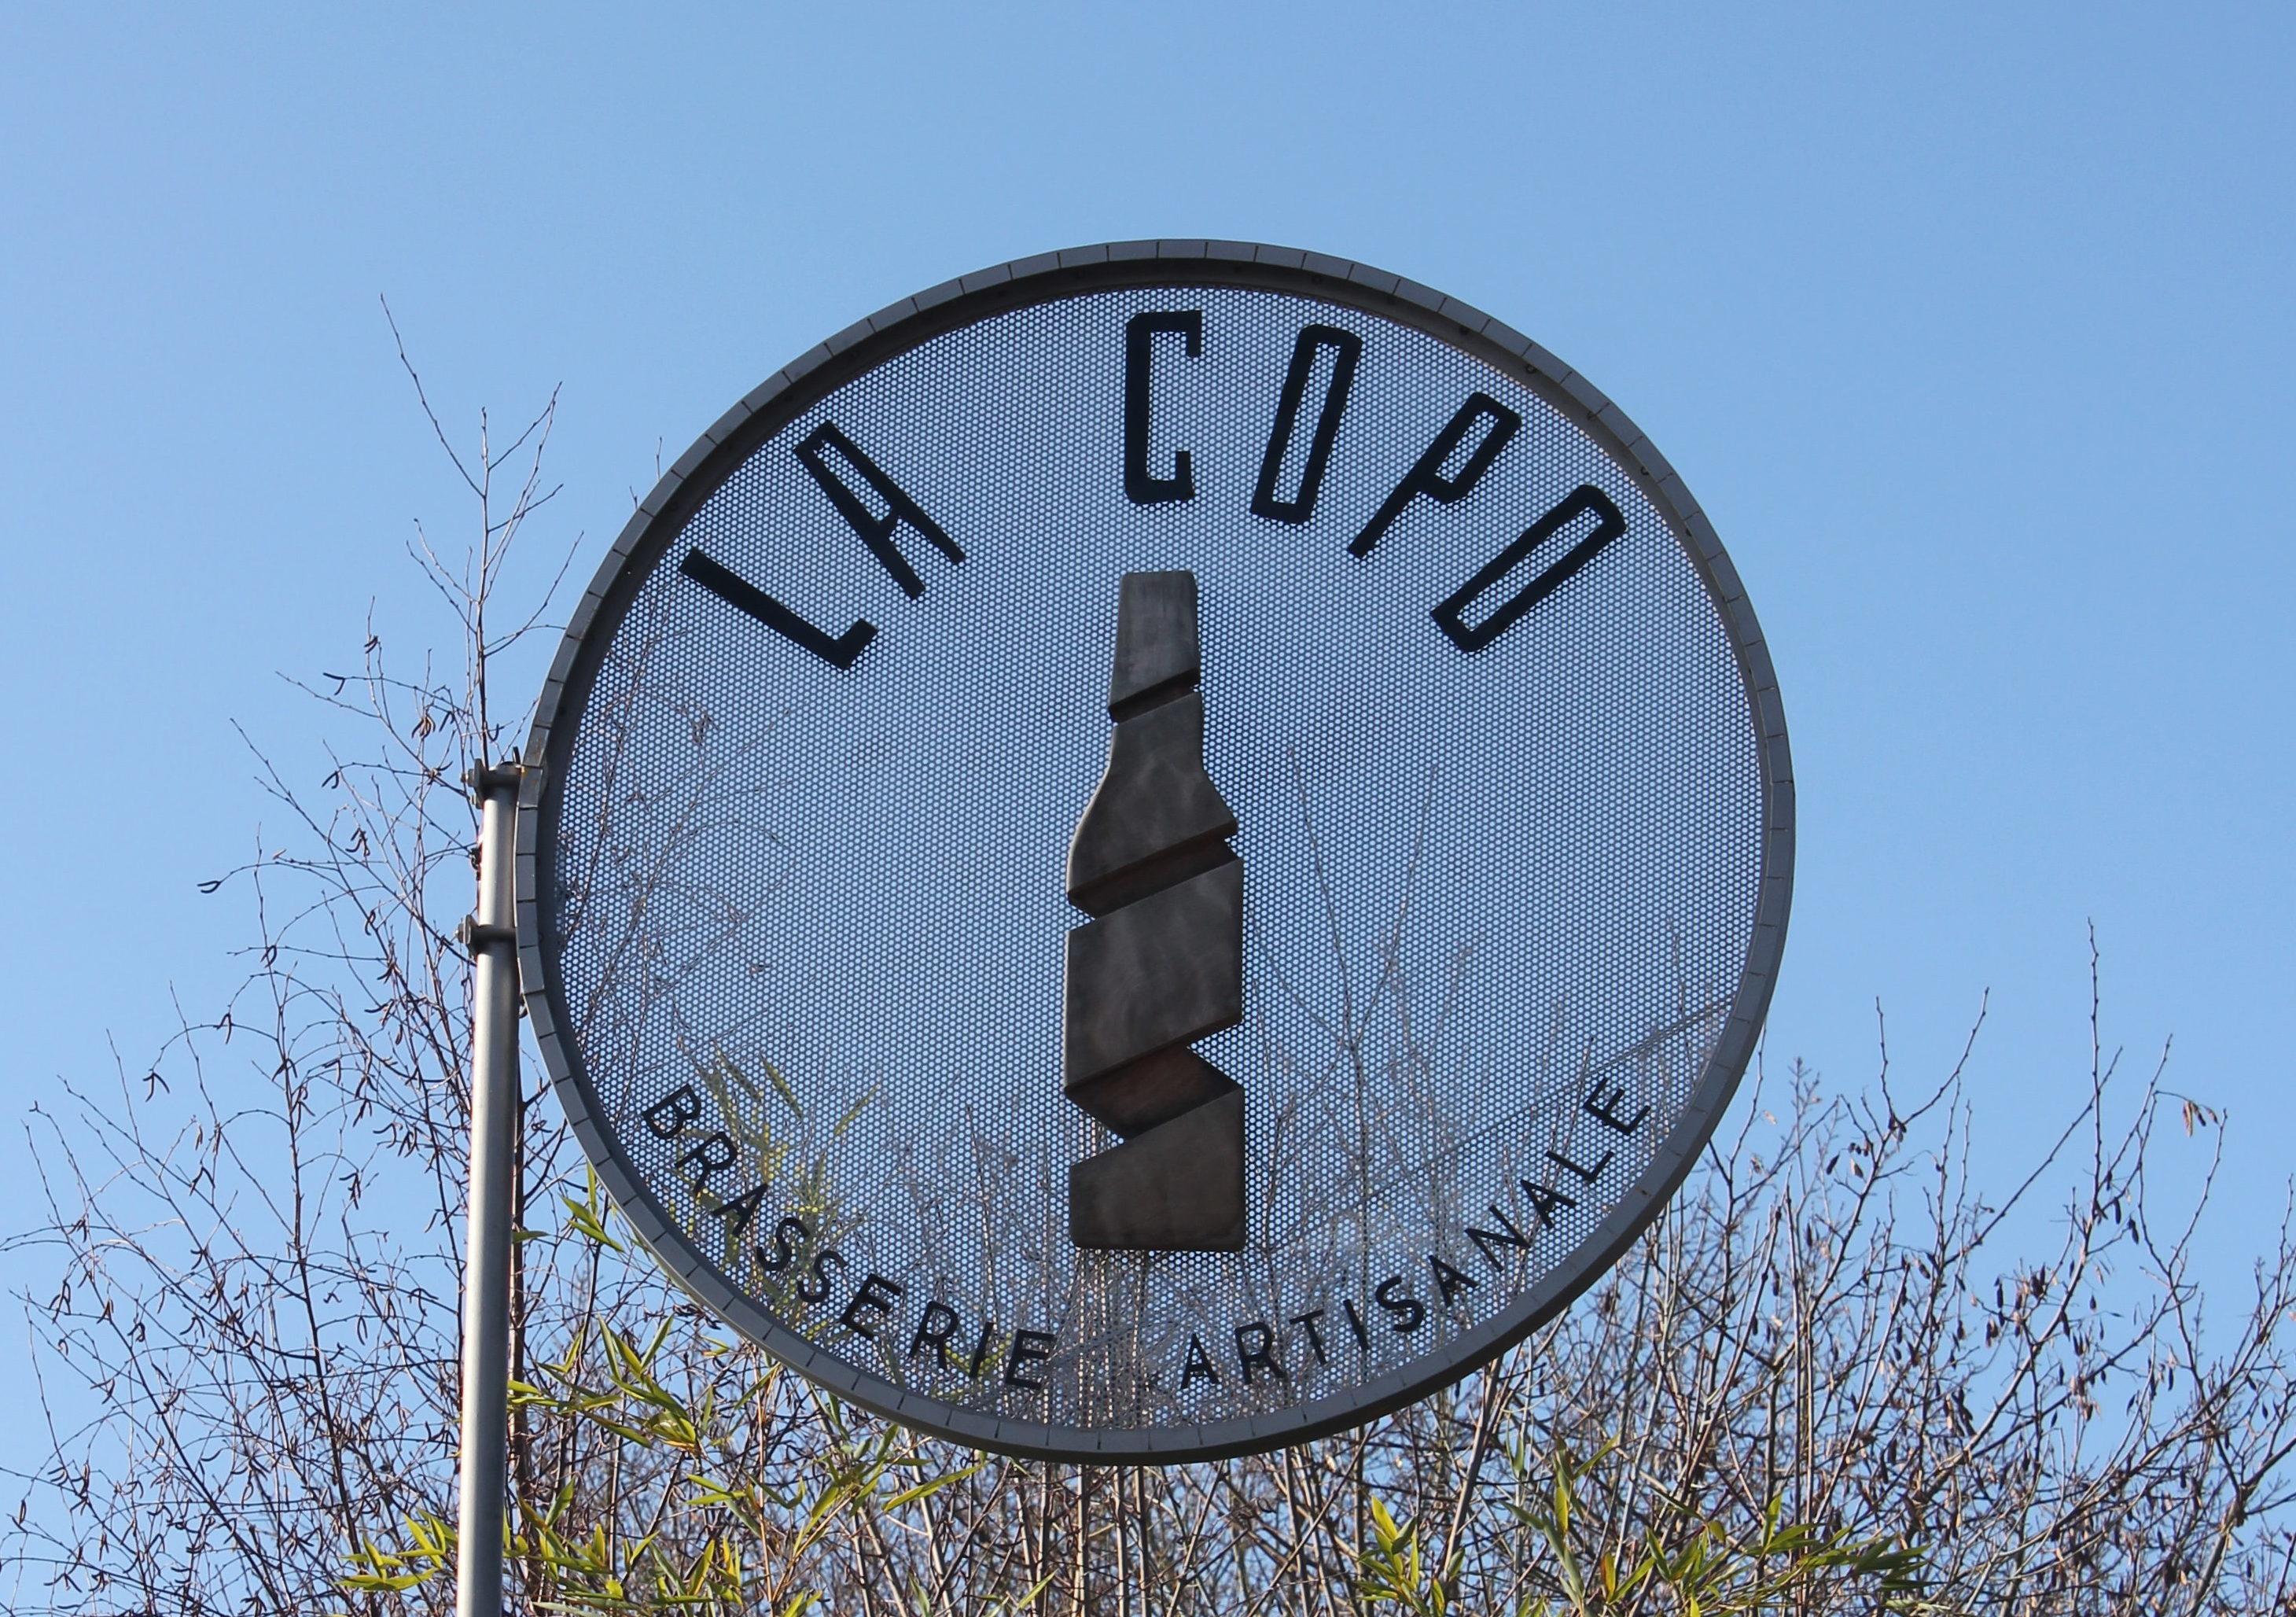 brasserie artisanale la copo bière argentrée niels foucher biologique laval mayenne